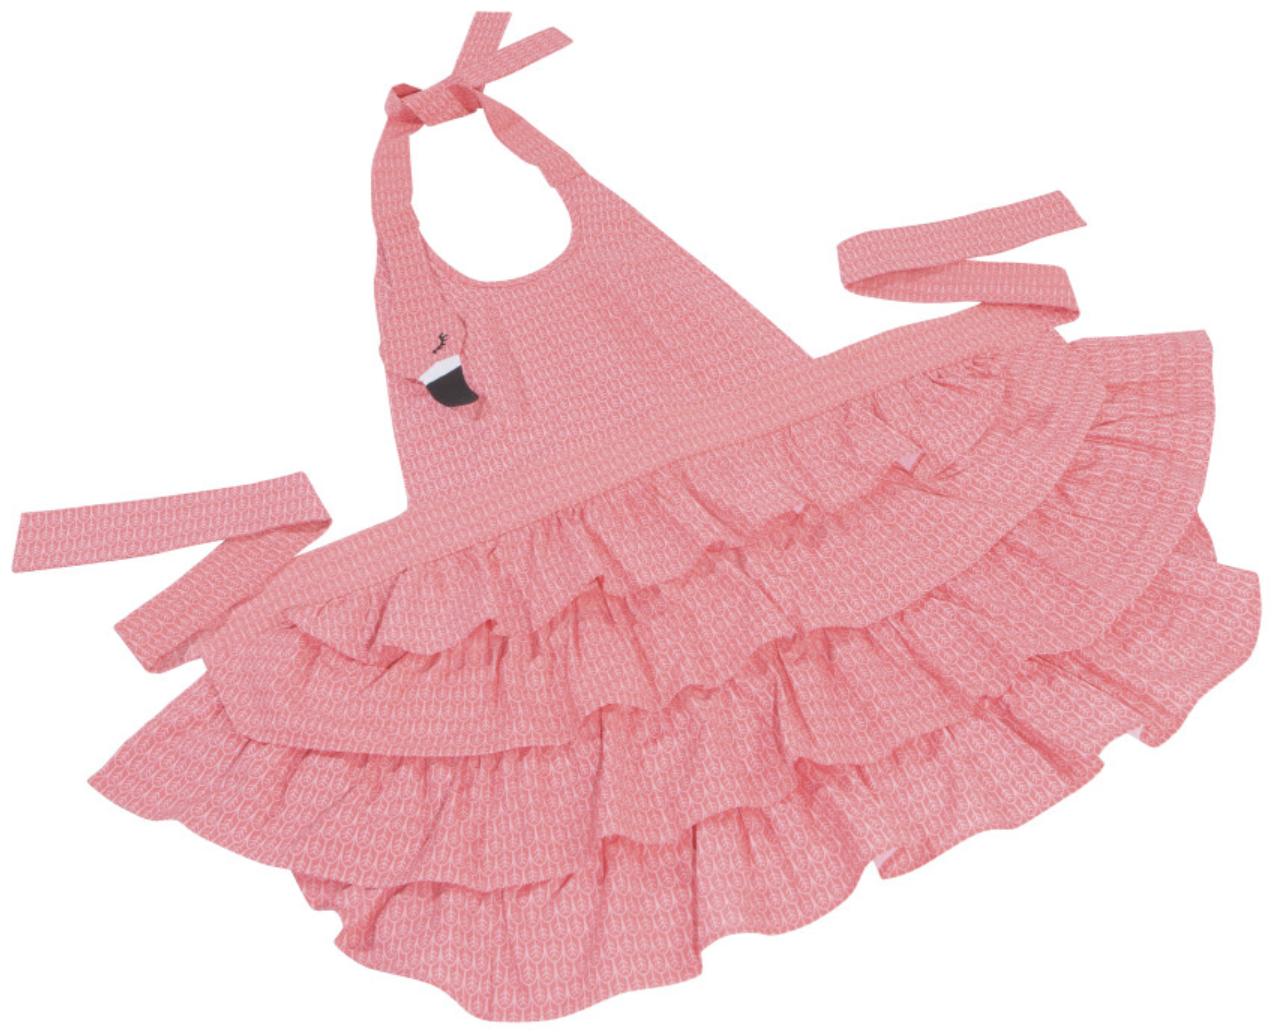 Flamingo Day Dreams Apron